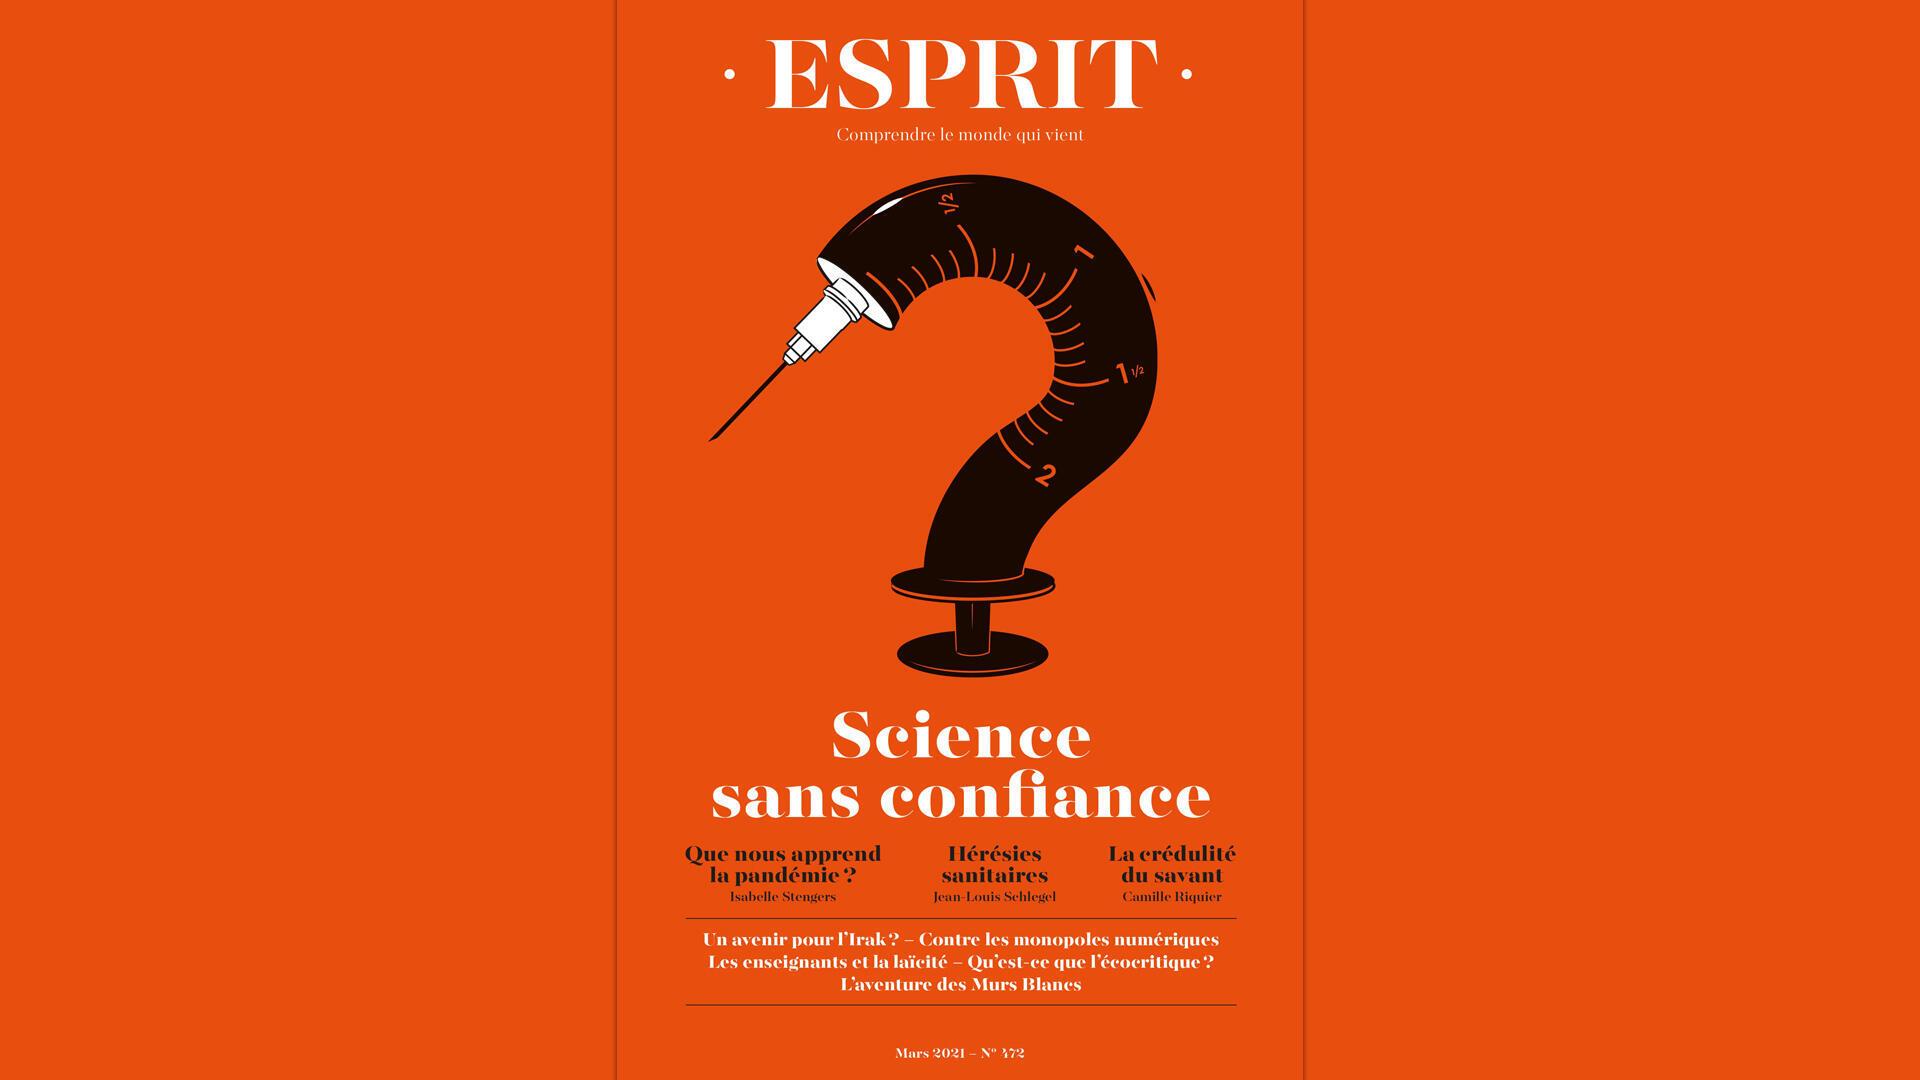 Couverture - Revue Esprit - Science sans confiance - mars 2021 - Une semaine d'actualité